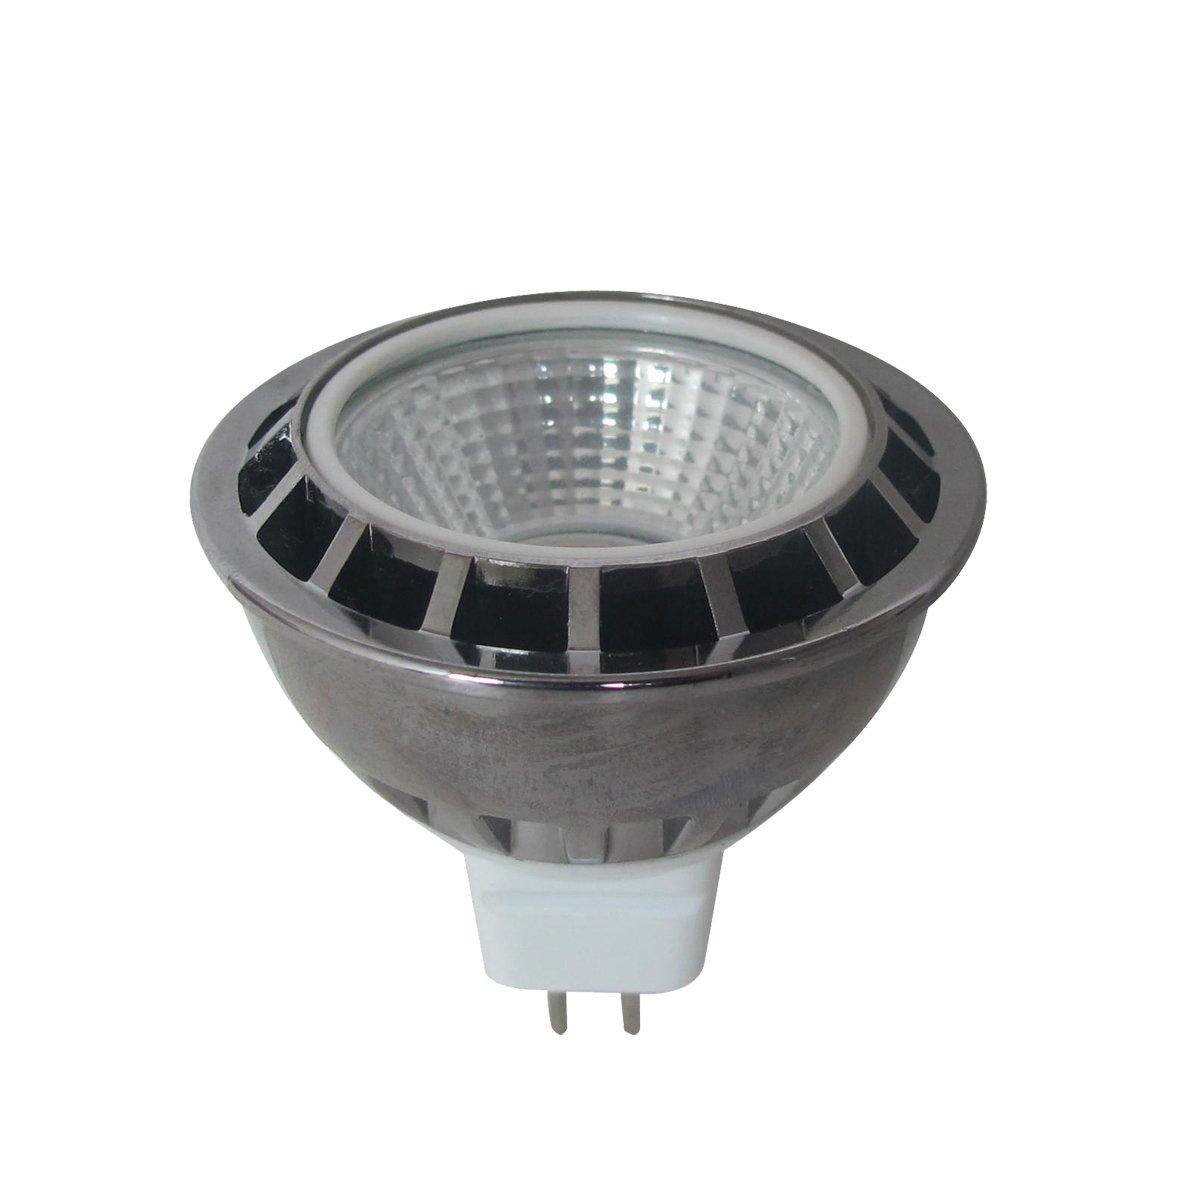 5 Watt COB MR16 LED Globe in Green